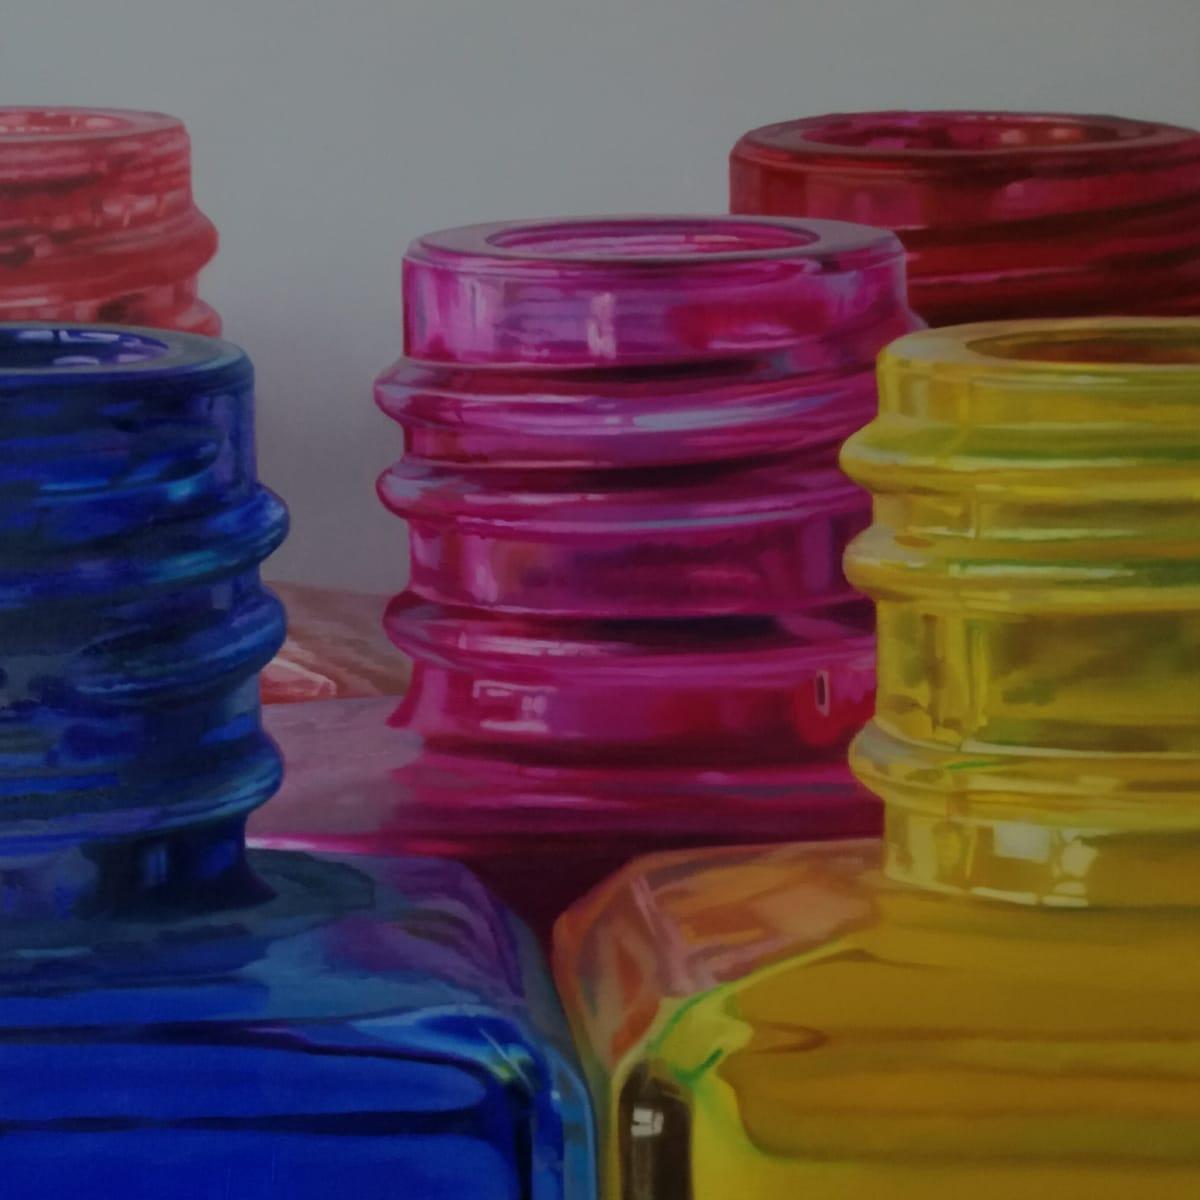 Javier Banegas Colour Fragment Oil on canvas 50 x 50 cm